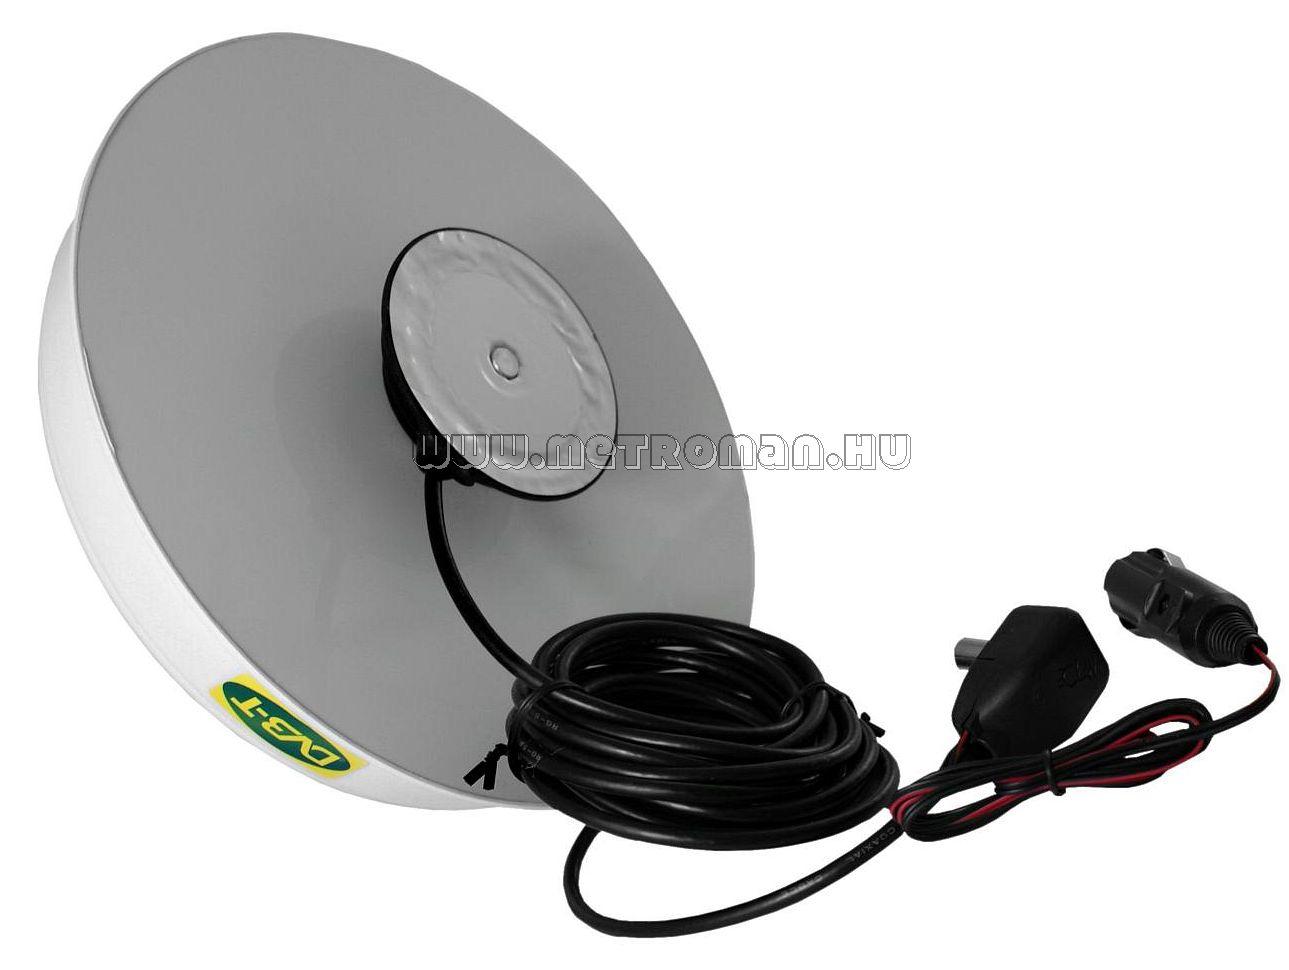 Digitális DVB-T autós, hajó és lakókocsi TV antenna, DVB-T- UFO 515